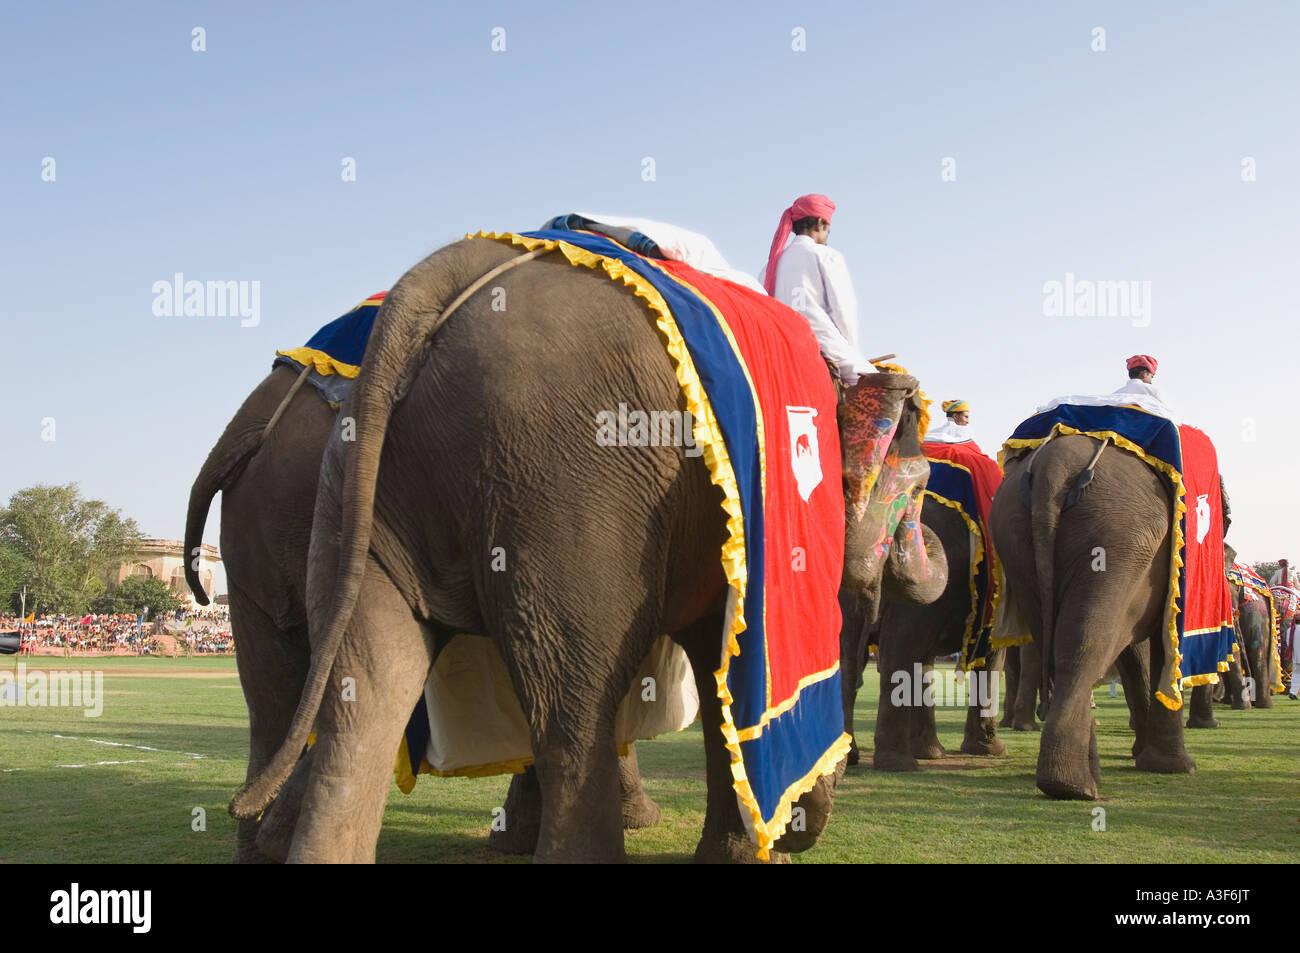 Vista posteriore di tre uomini a cavallo elefanti a un festival di elefante, Jaipur, Rajasthan, India Foto Stock